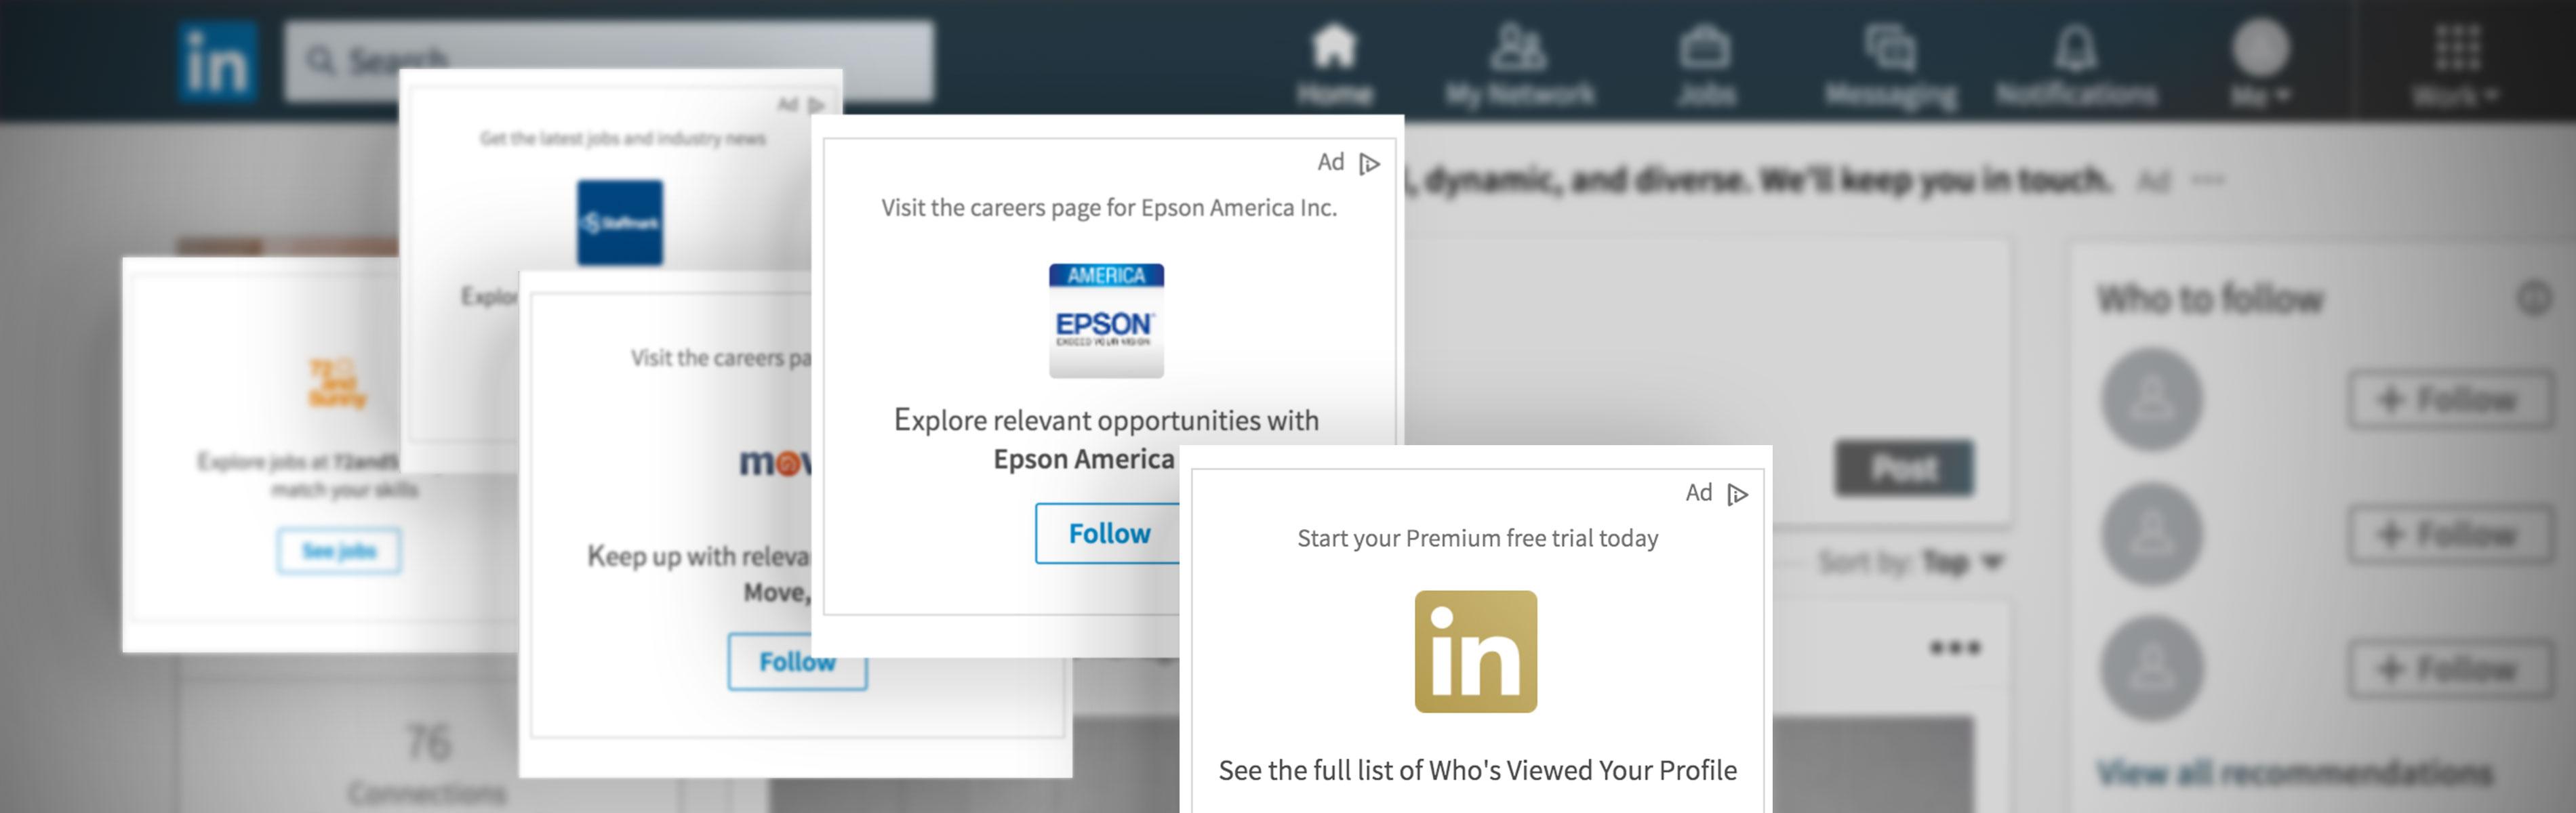 LinkedIn Ads Management.